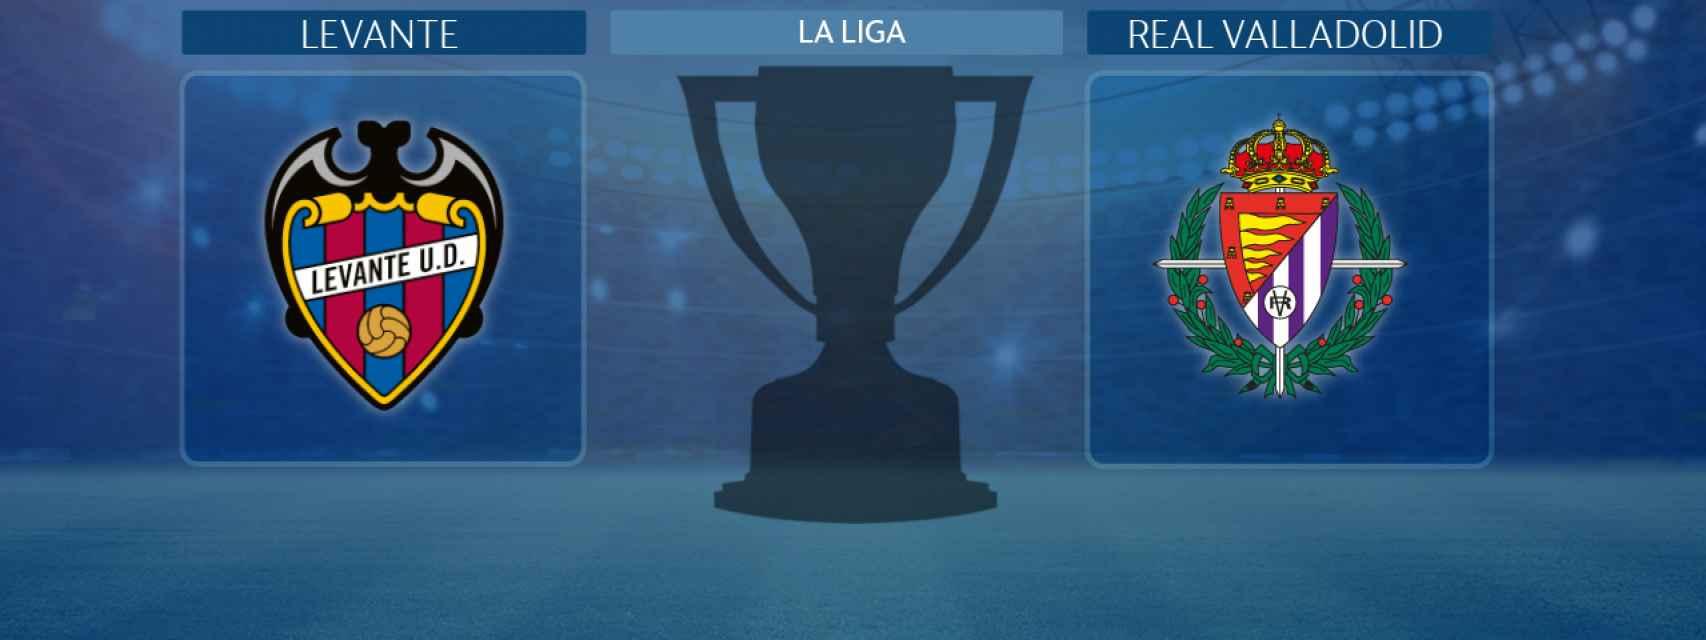 Levante - Real Valladolid, partido de La Liga